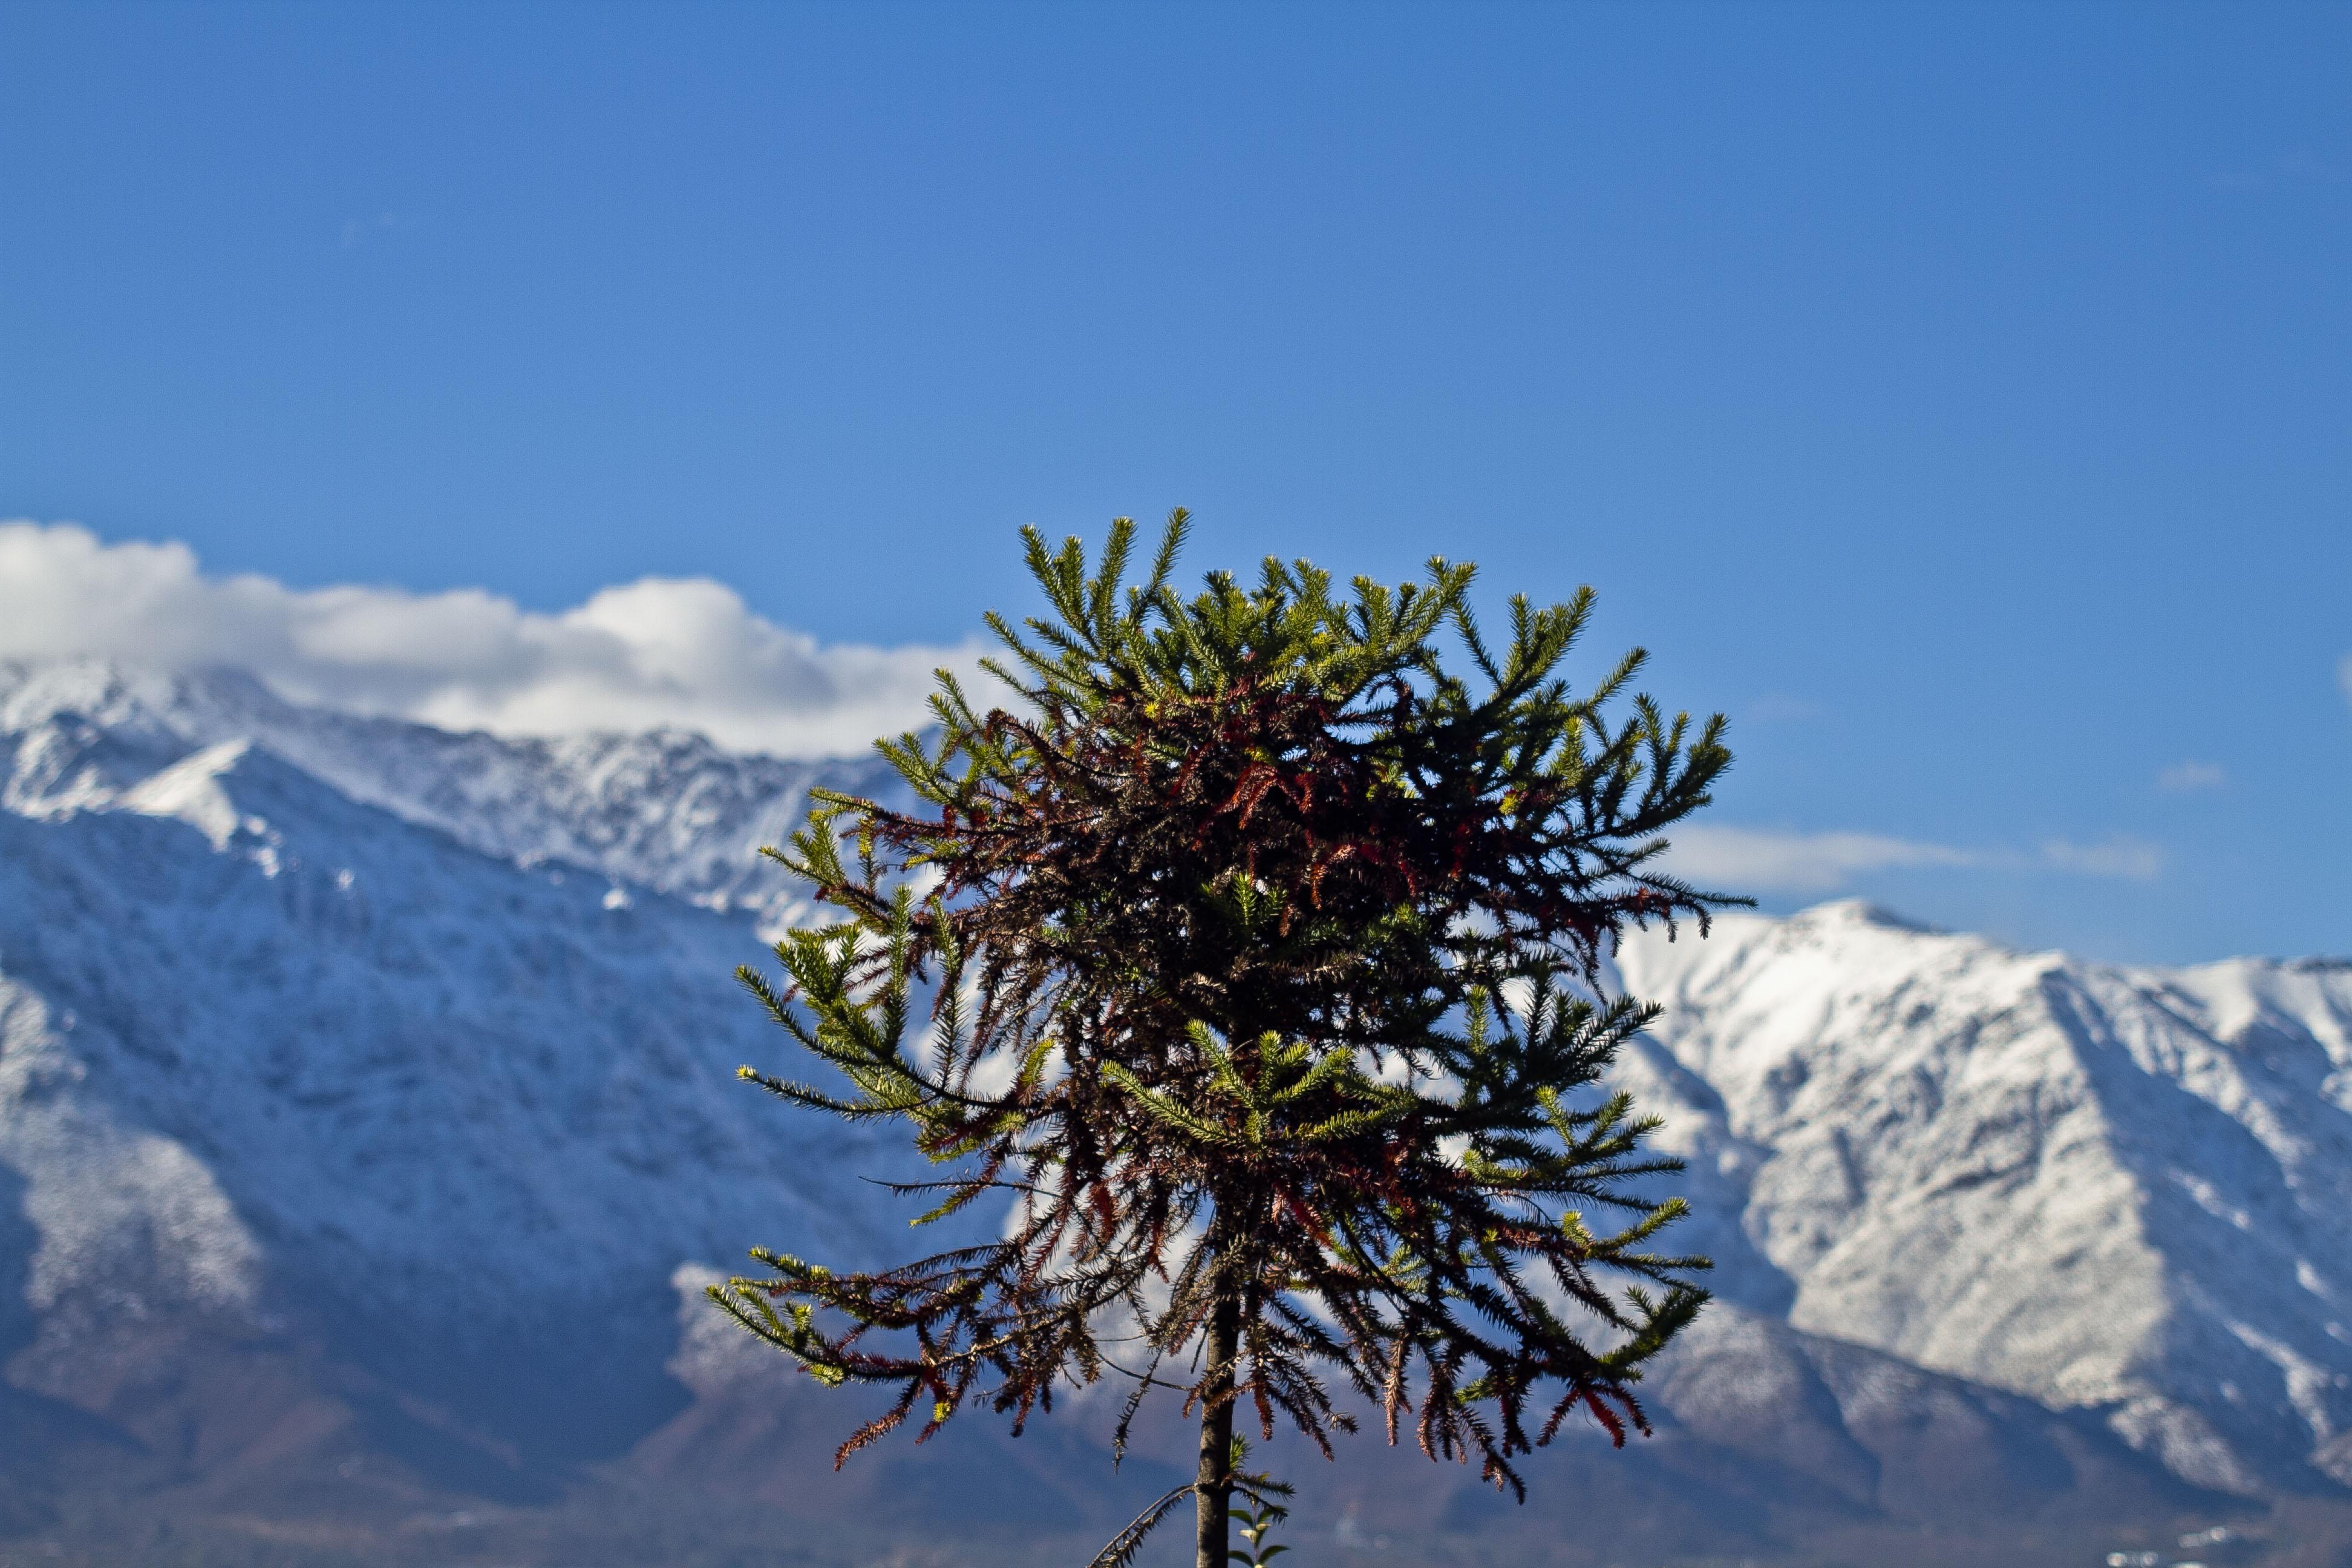 Vista de una araucaria con la Cordillera de Los Andes de fondo, en el Cerro San Cristóbal | Hans Scott | Agencia UNO